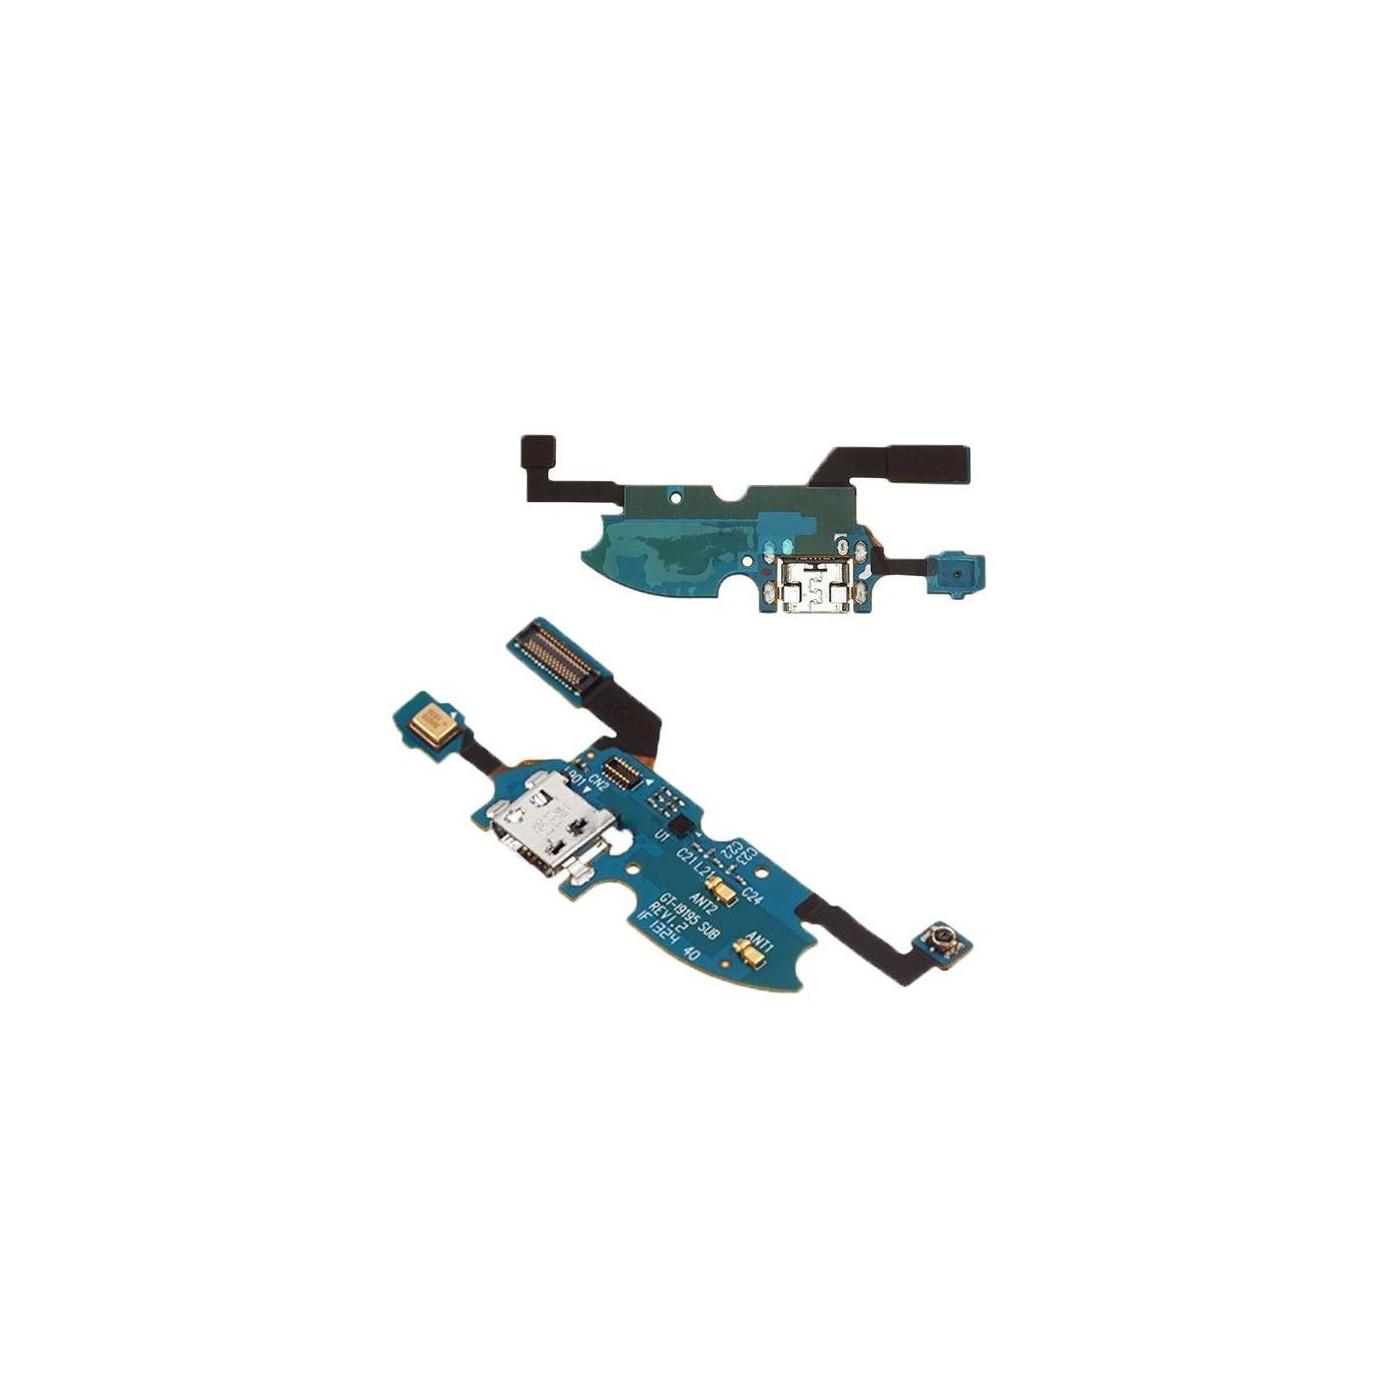 Conector de carga de la flexión plana para Samsung Galaxy S4 Mini I9195 usb dock